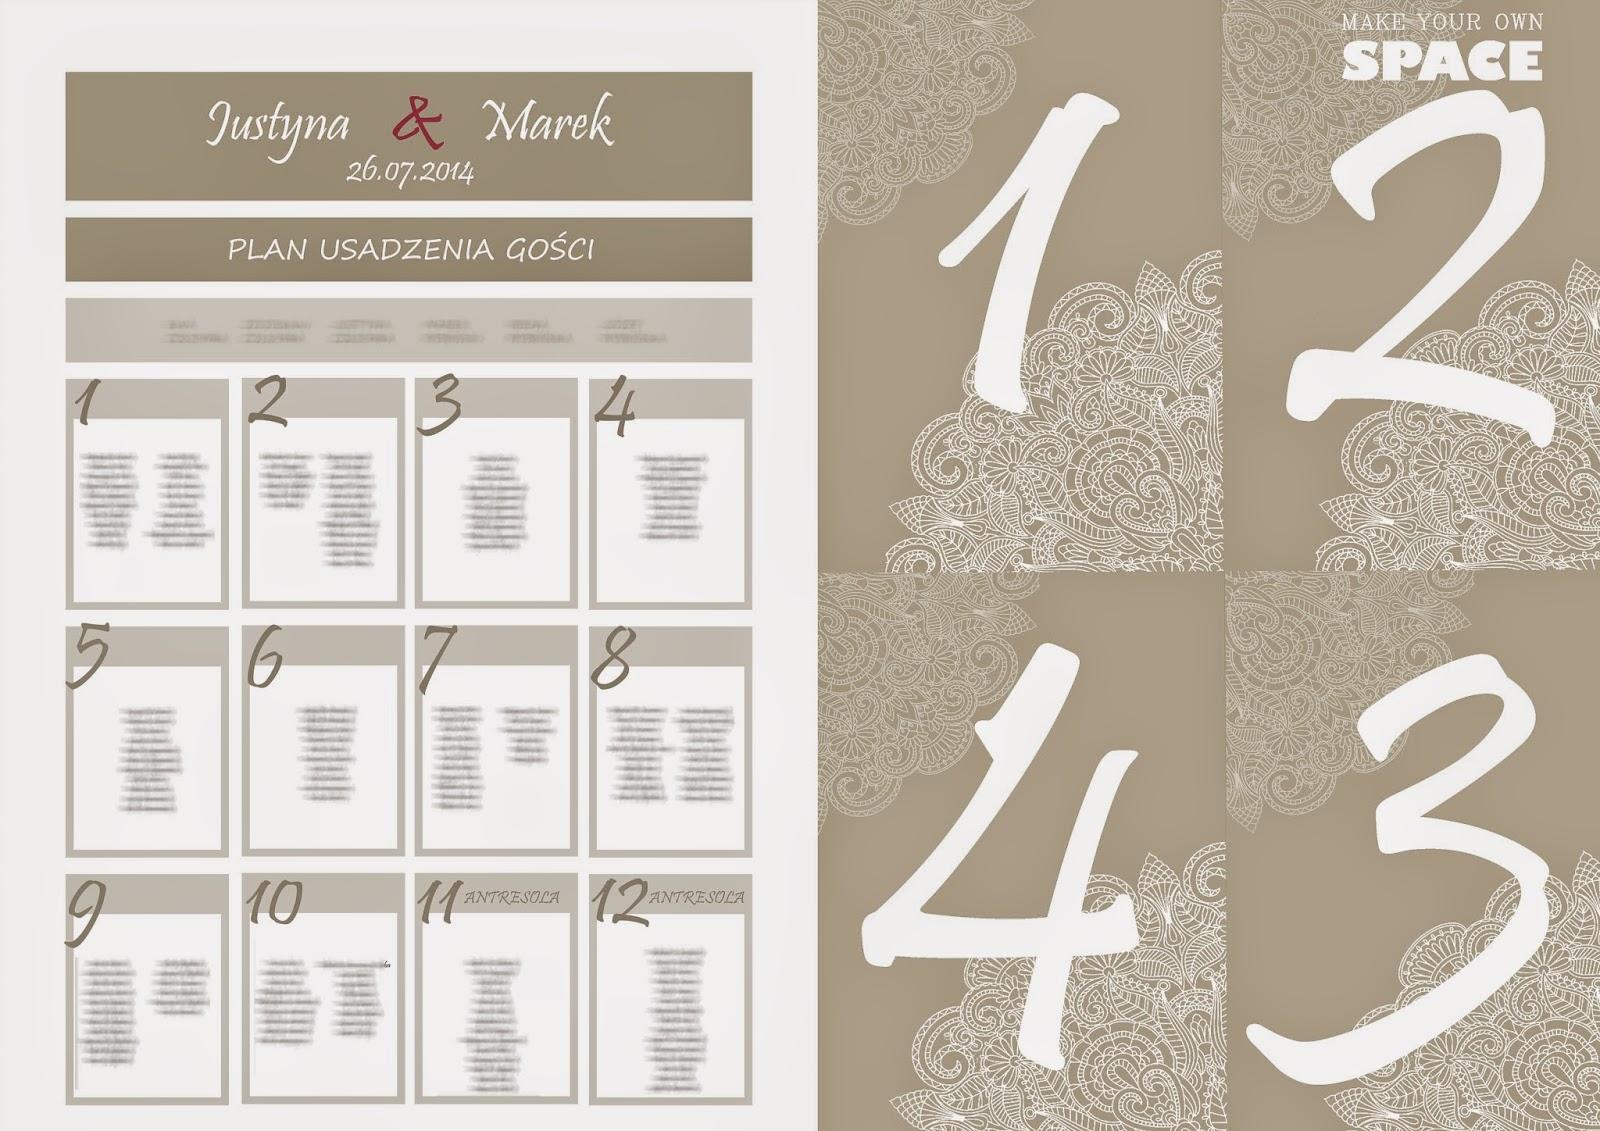 ślubne inspiracje, grafika weselna, ślub, wesele, goście weselni, inspiracje, plan usadzenia gości..